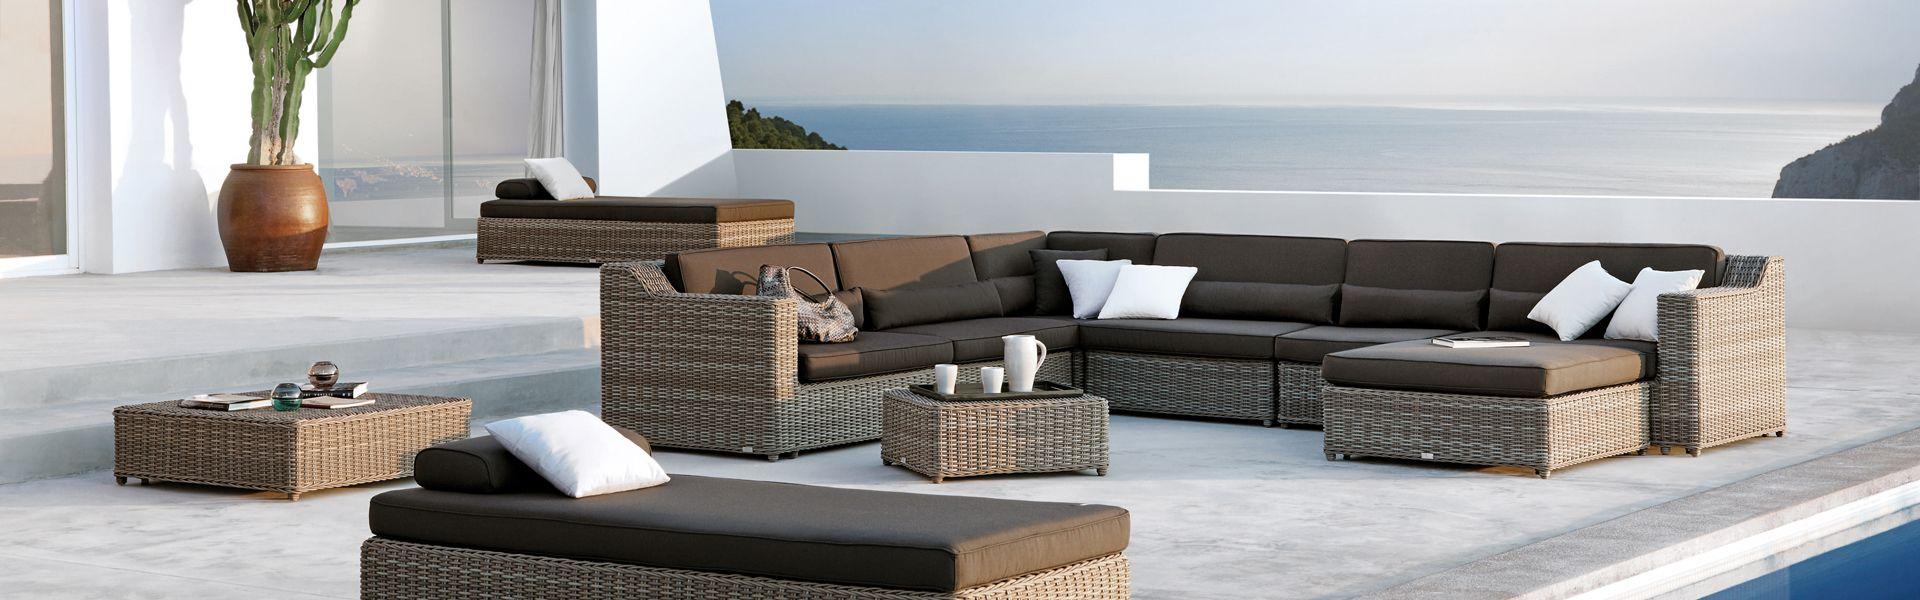 Sifas : Mobilier Et Meuble D'intérieur Et Extérieur Haut De ... destiné Mobilier De Jardin Design De Luxe